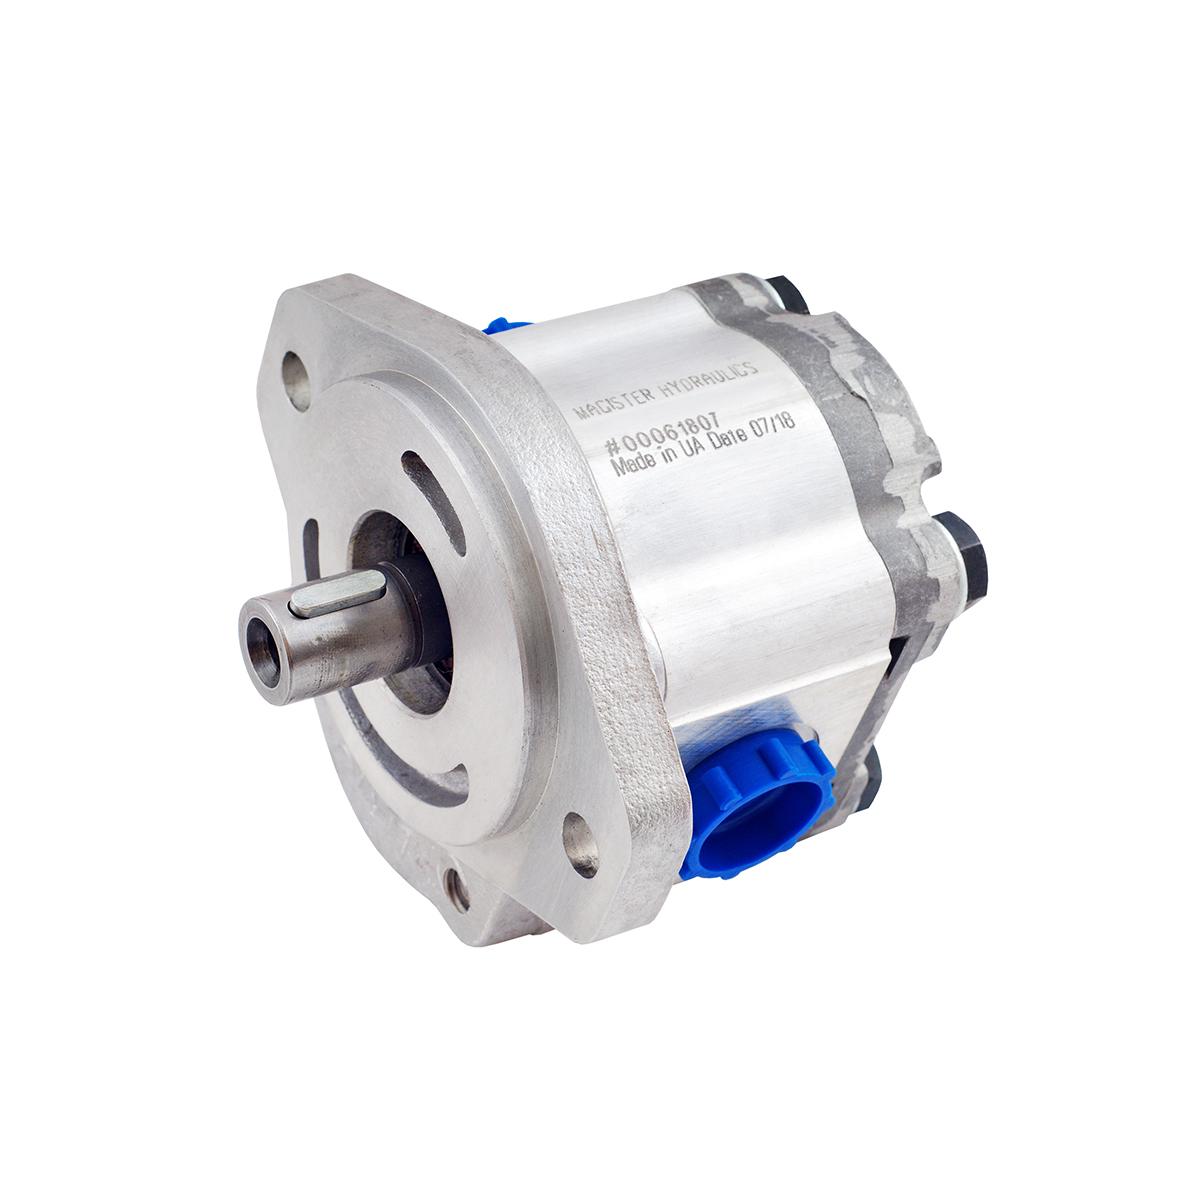 0.38 CID hydraulic gear pump, 5/8 keyed shaft clockwise gear pump | Magister Hydraulics